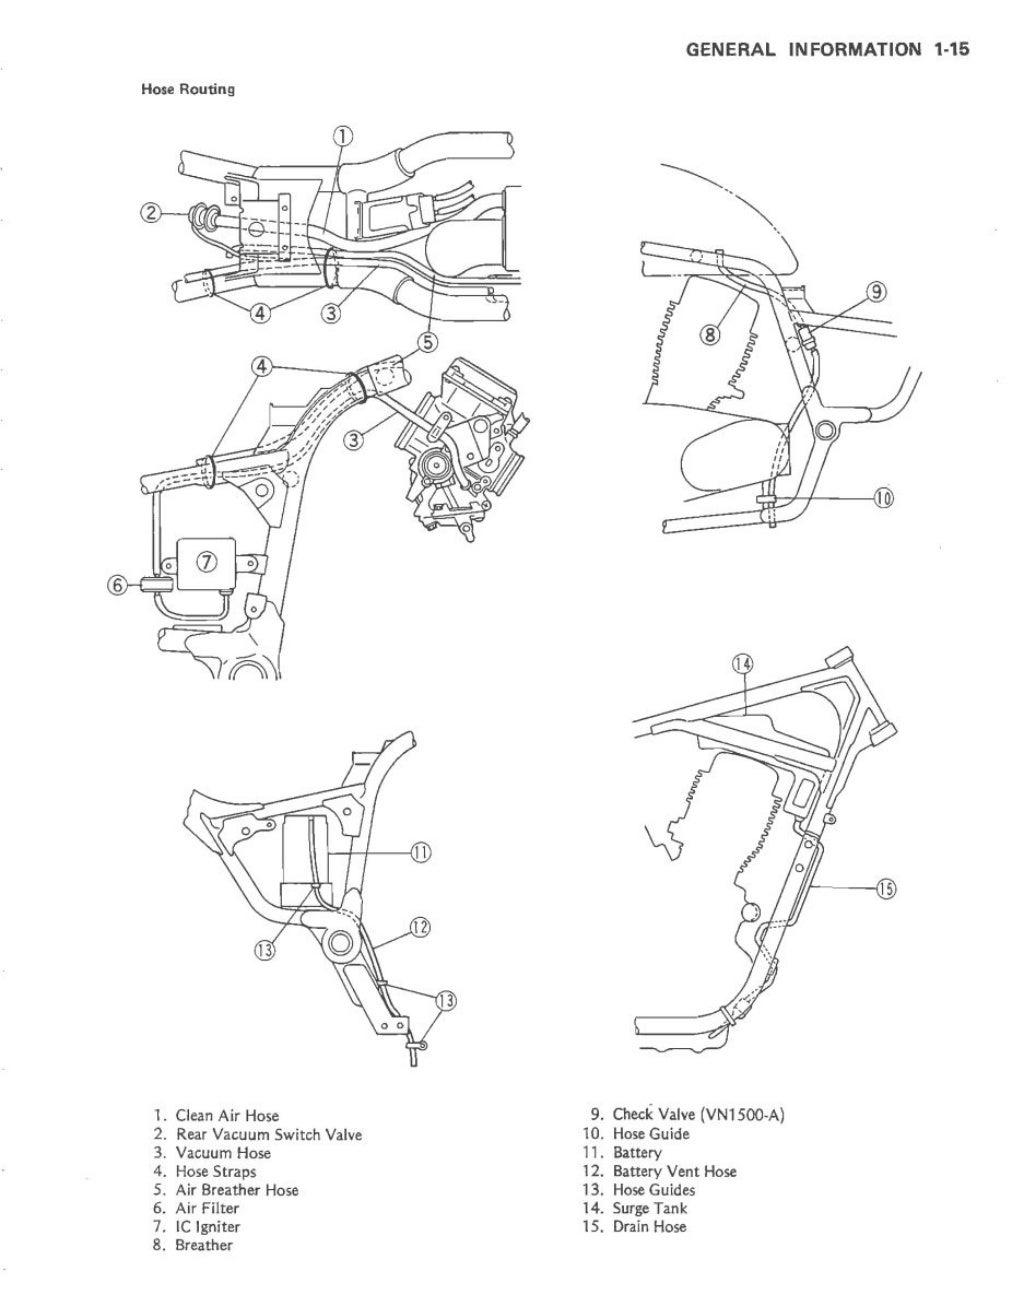 1987 KAWASAKI VN1500-B1 Service Repair Manual